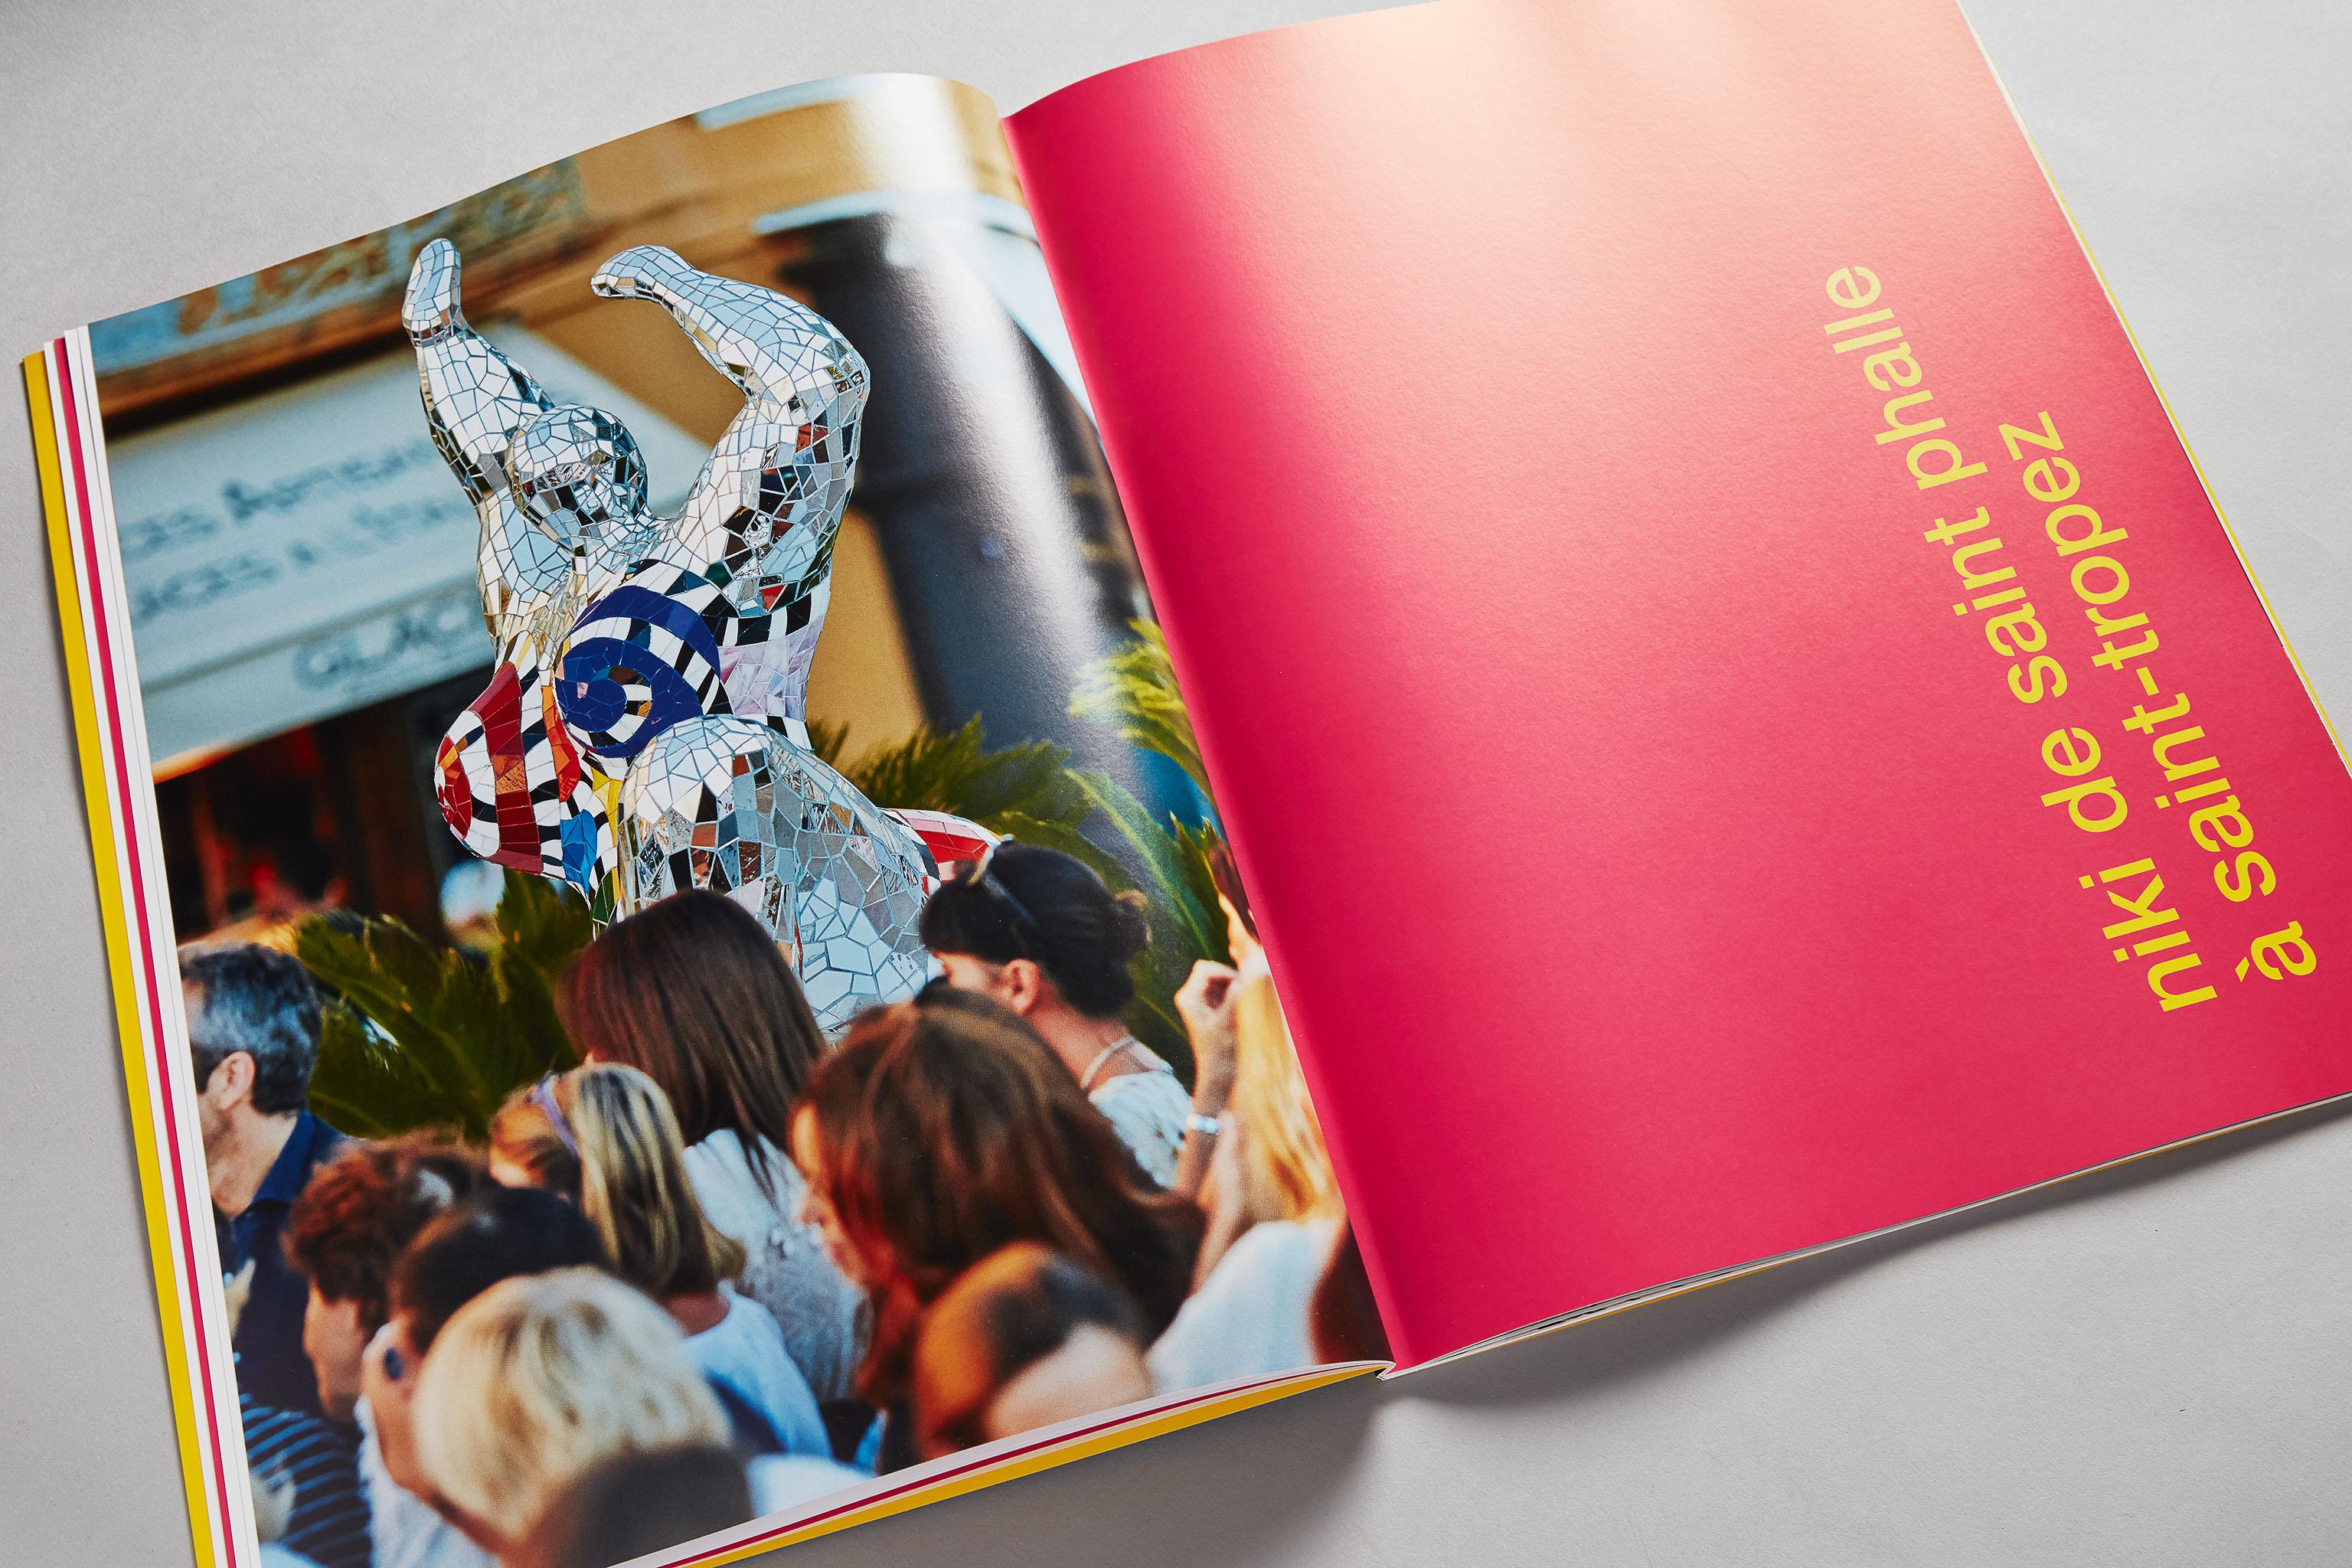 GALERIE MITTERRAND Catalogue Niki de Saint Phalle. Exposition Saint-Tropez. Art contemporain